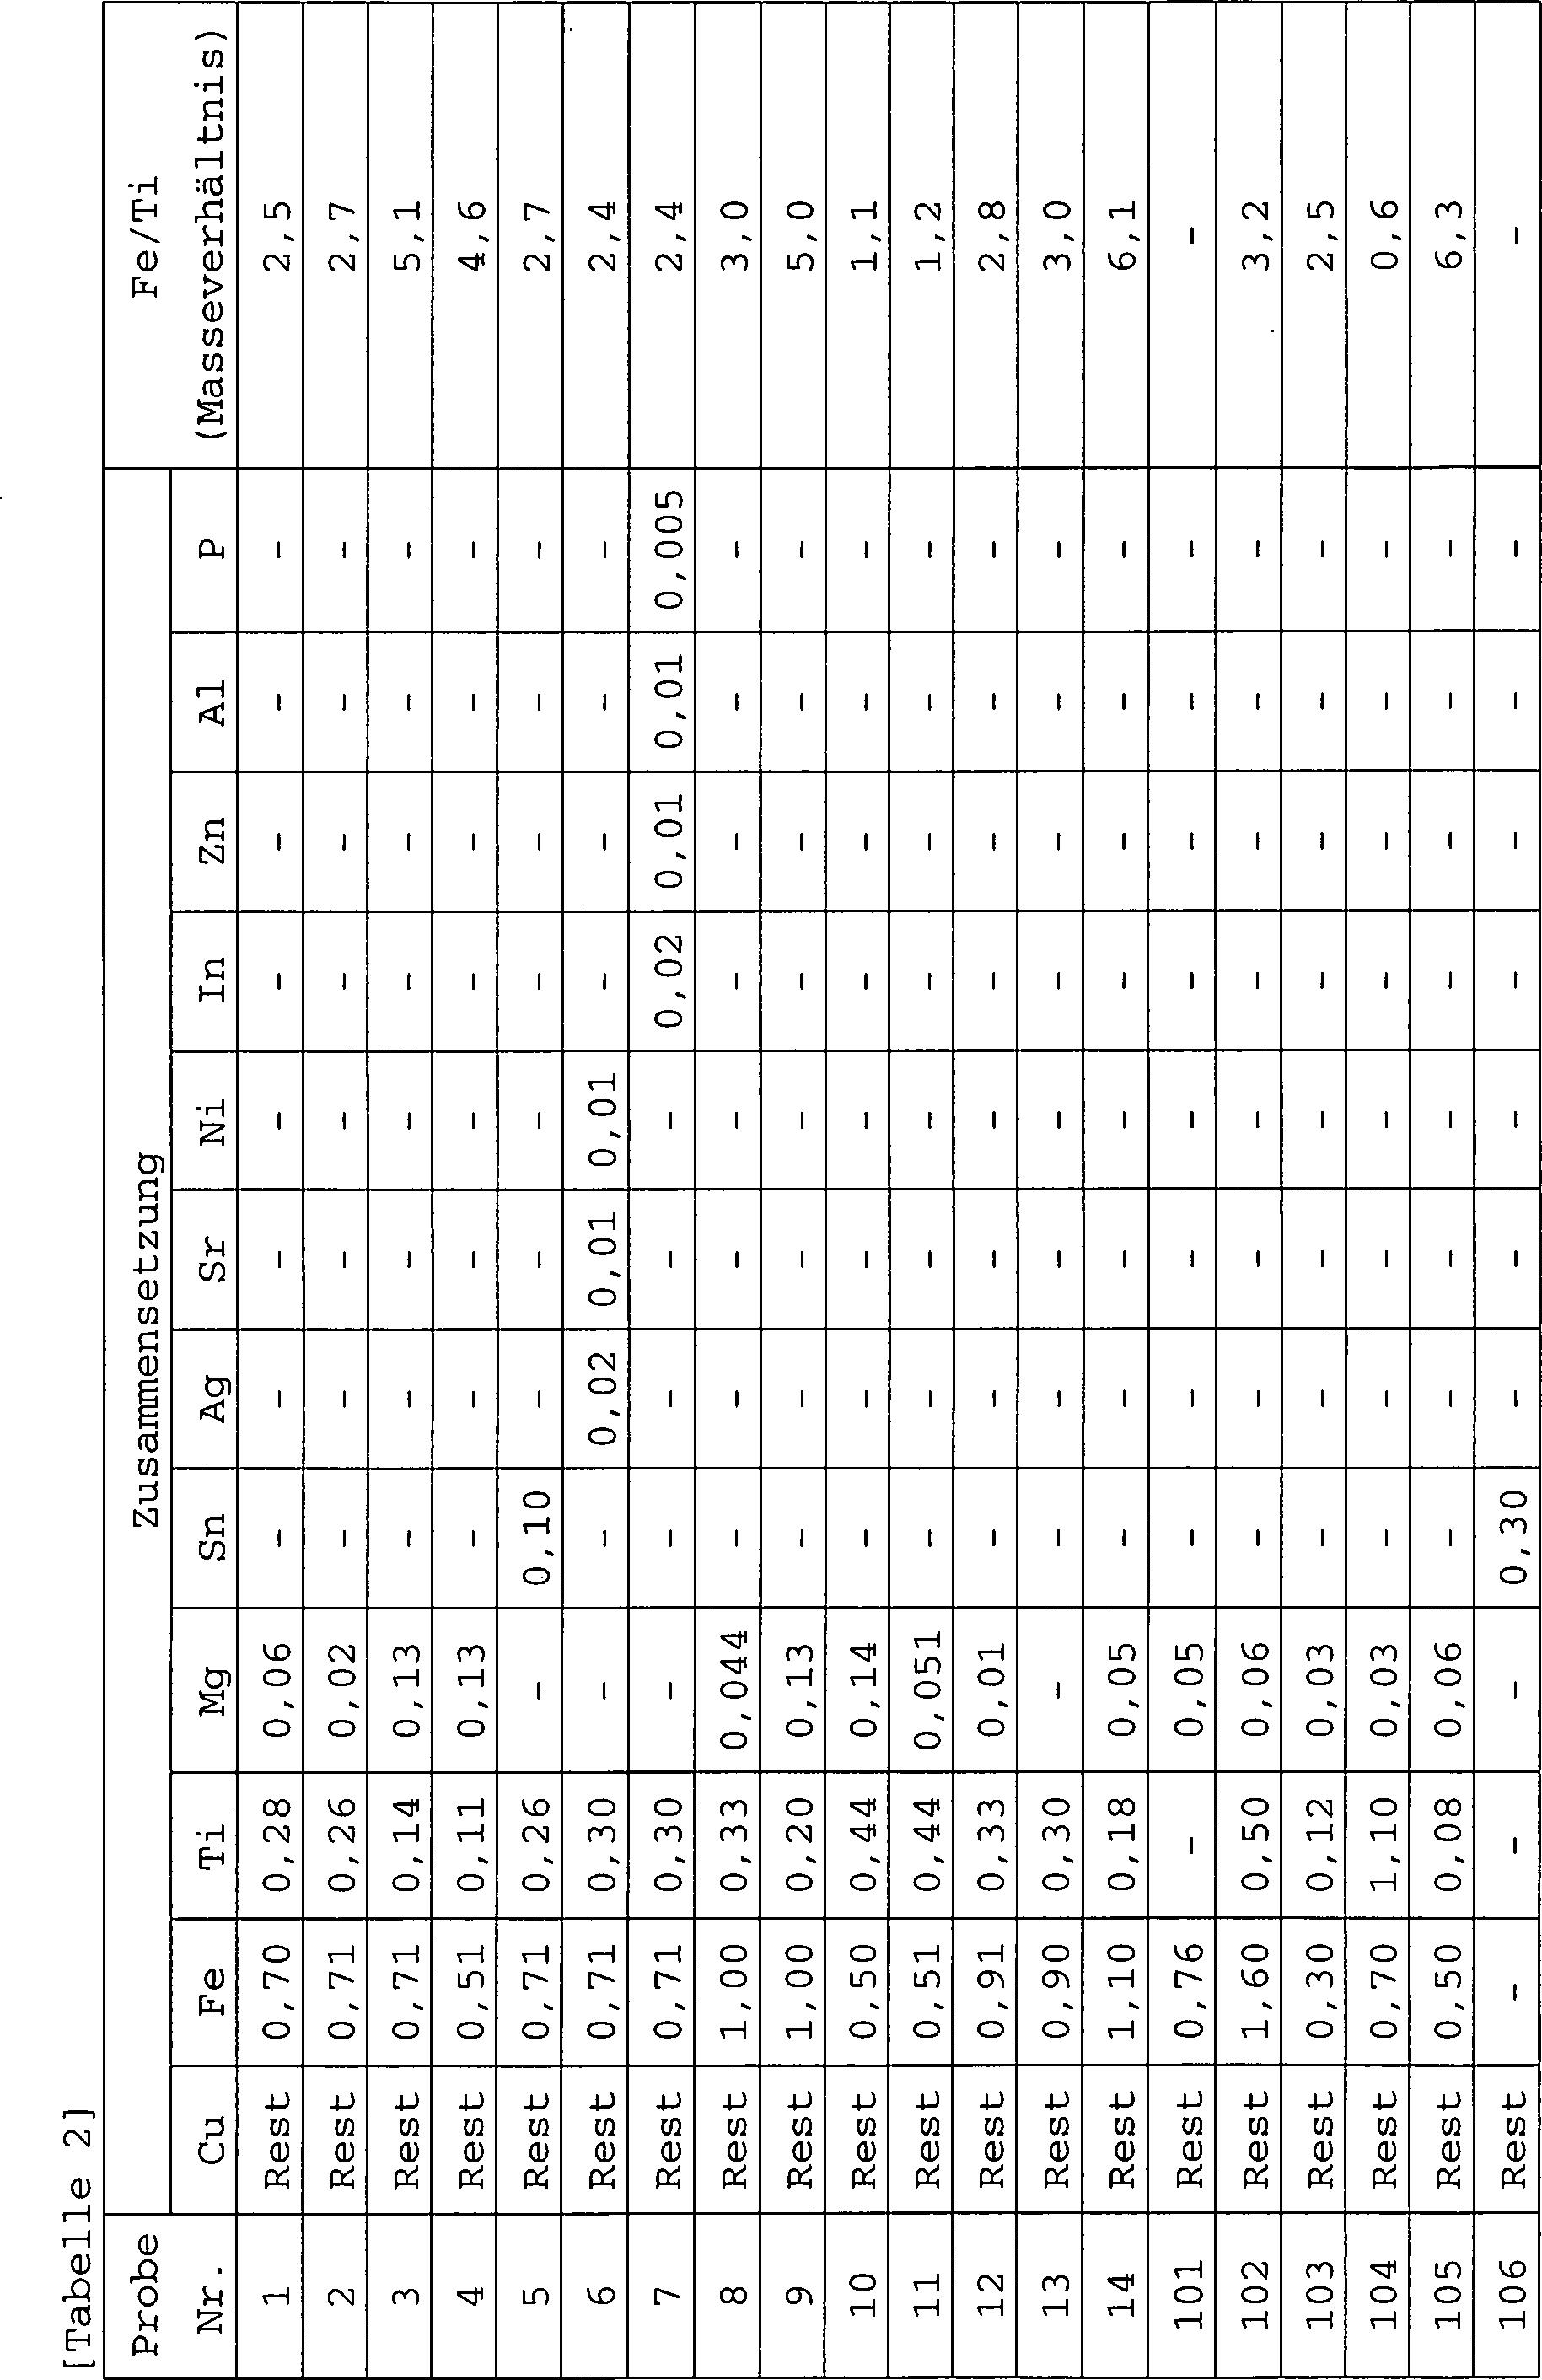 DE112013006671T5 - Kupferlegierungsdraht, Kupferlegierungs ...